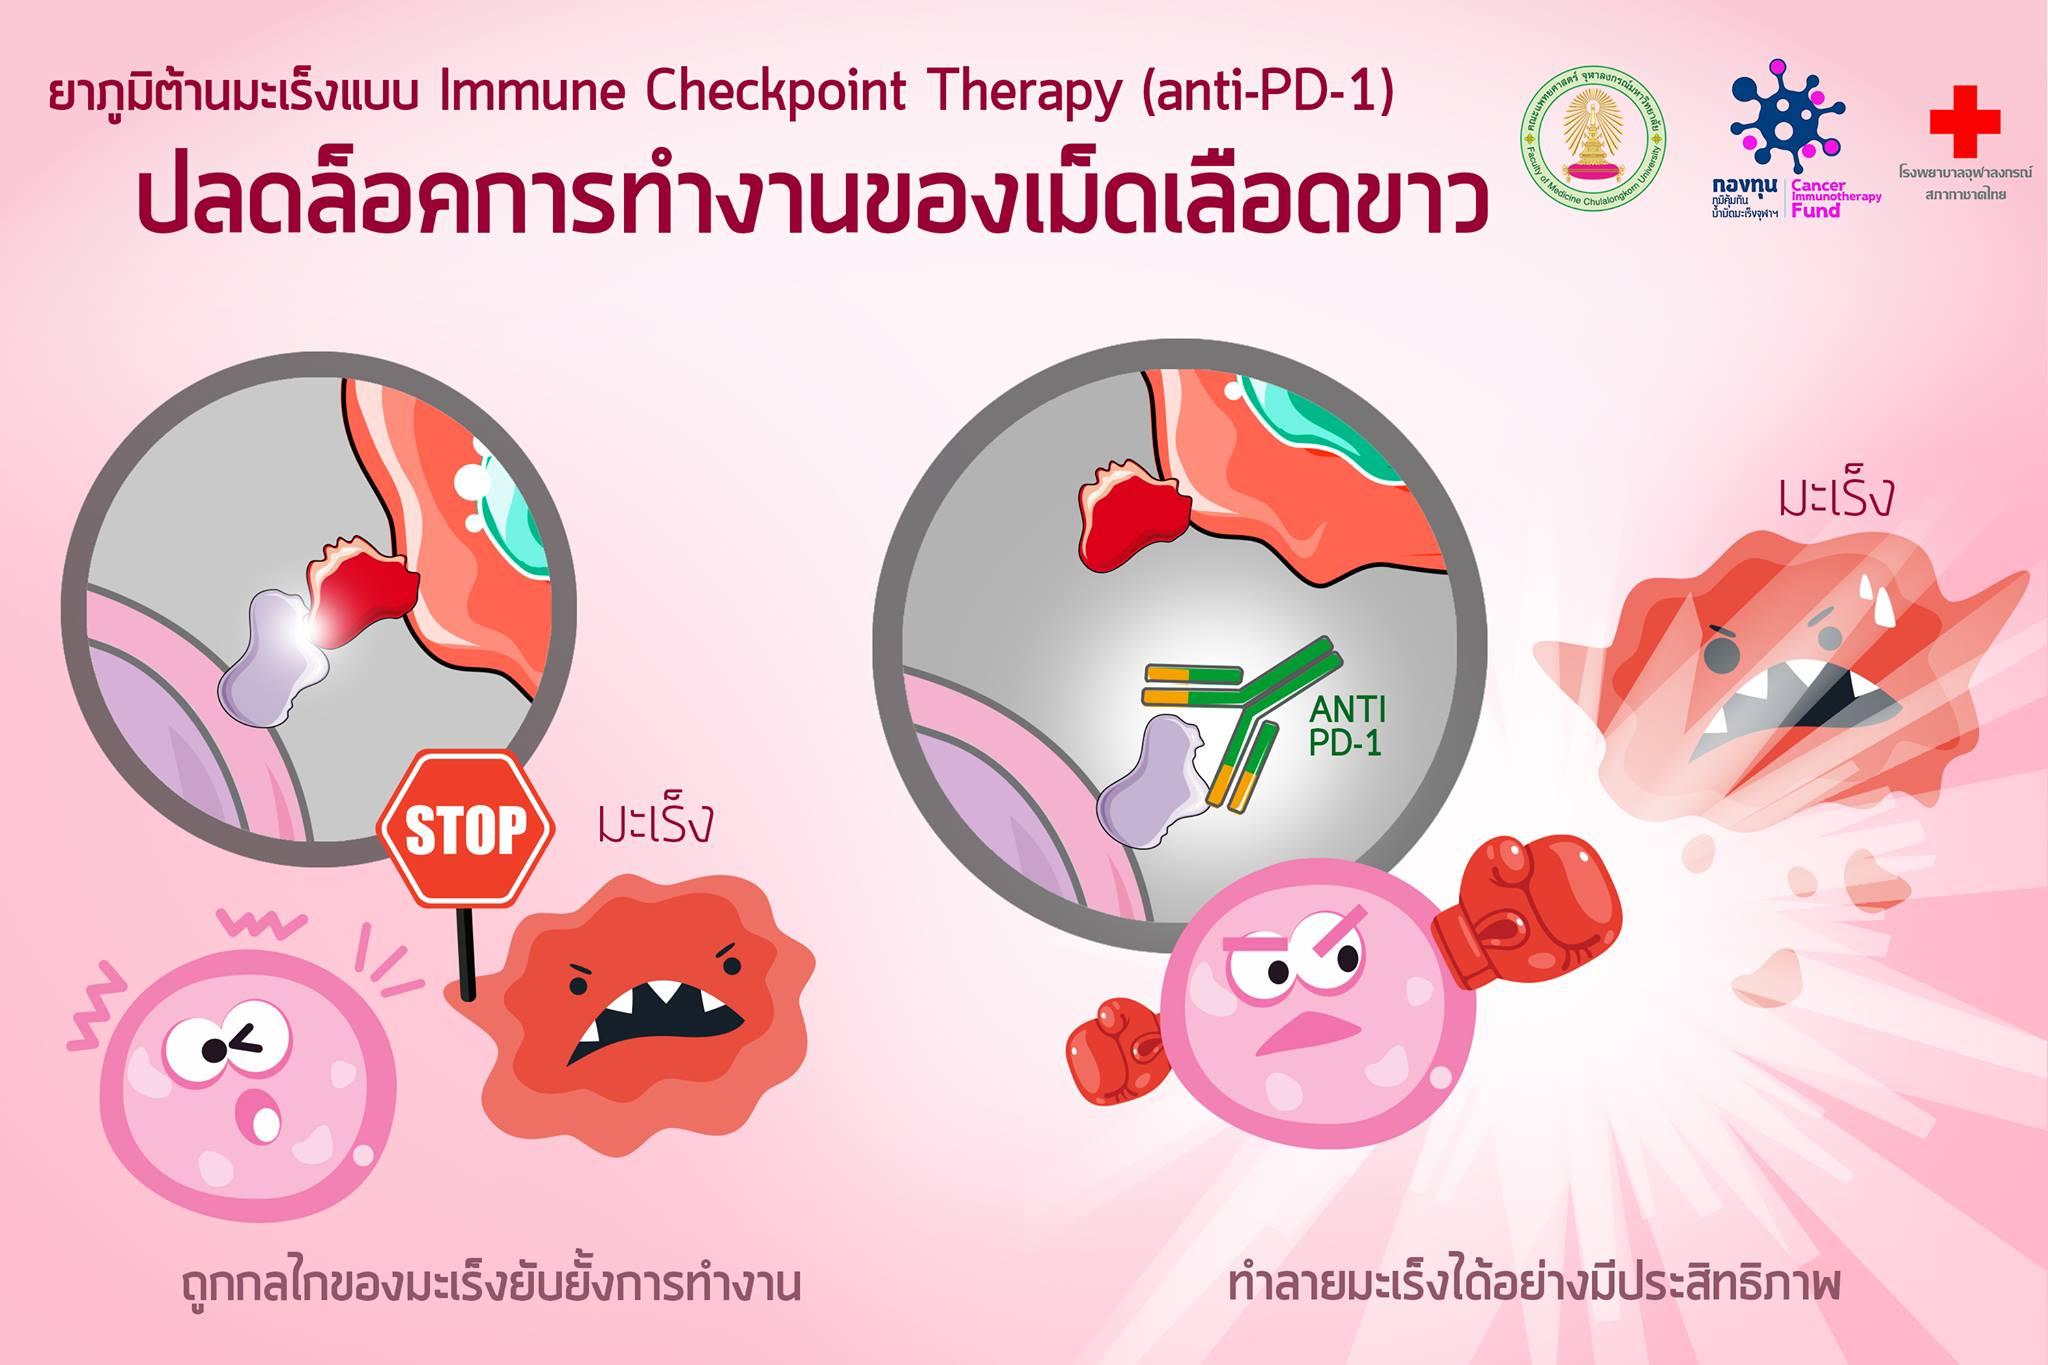 แอนติบอดี้ antibody ฆ่ามะเร็ง